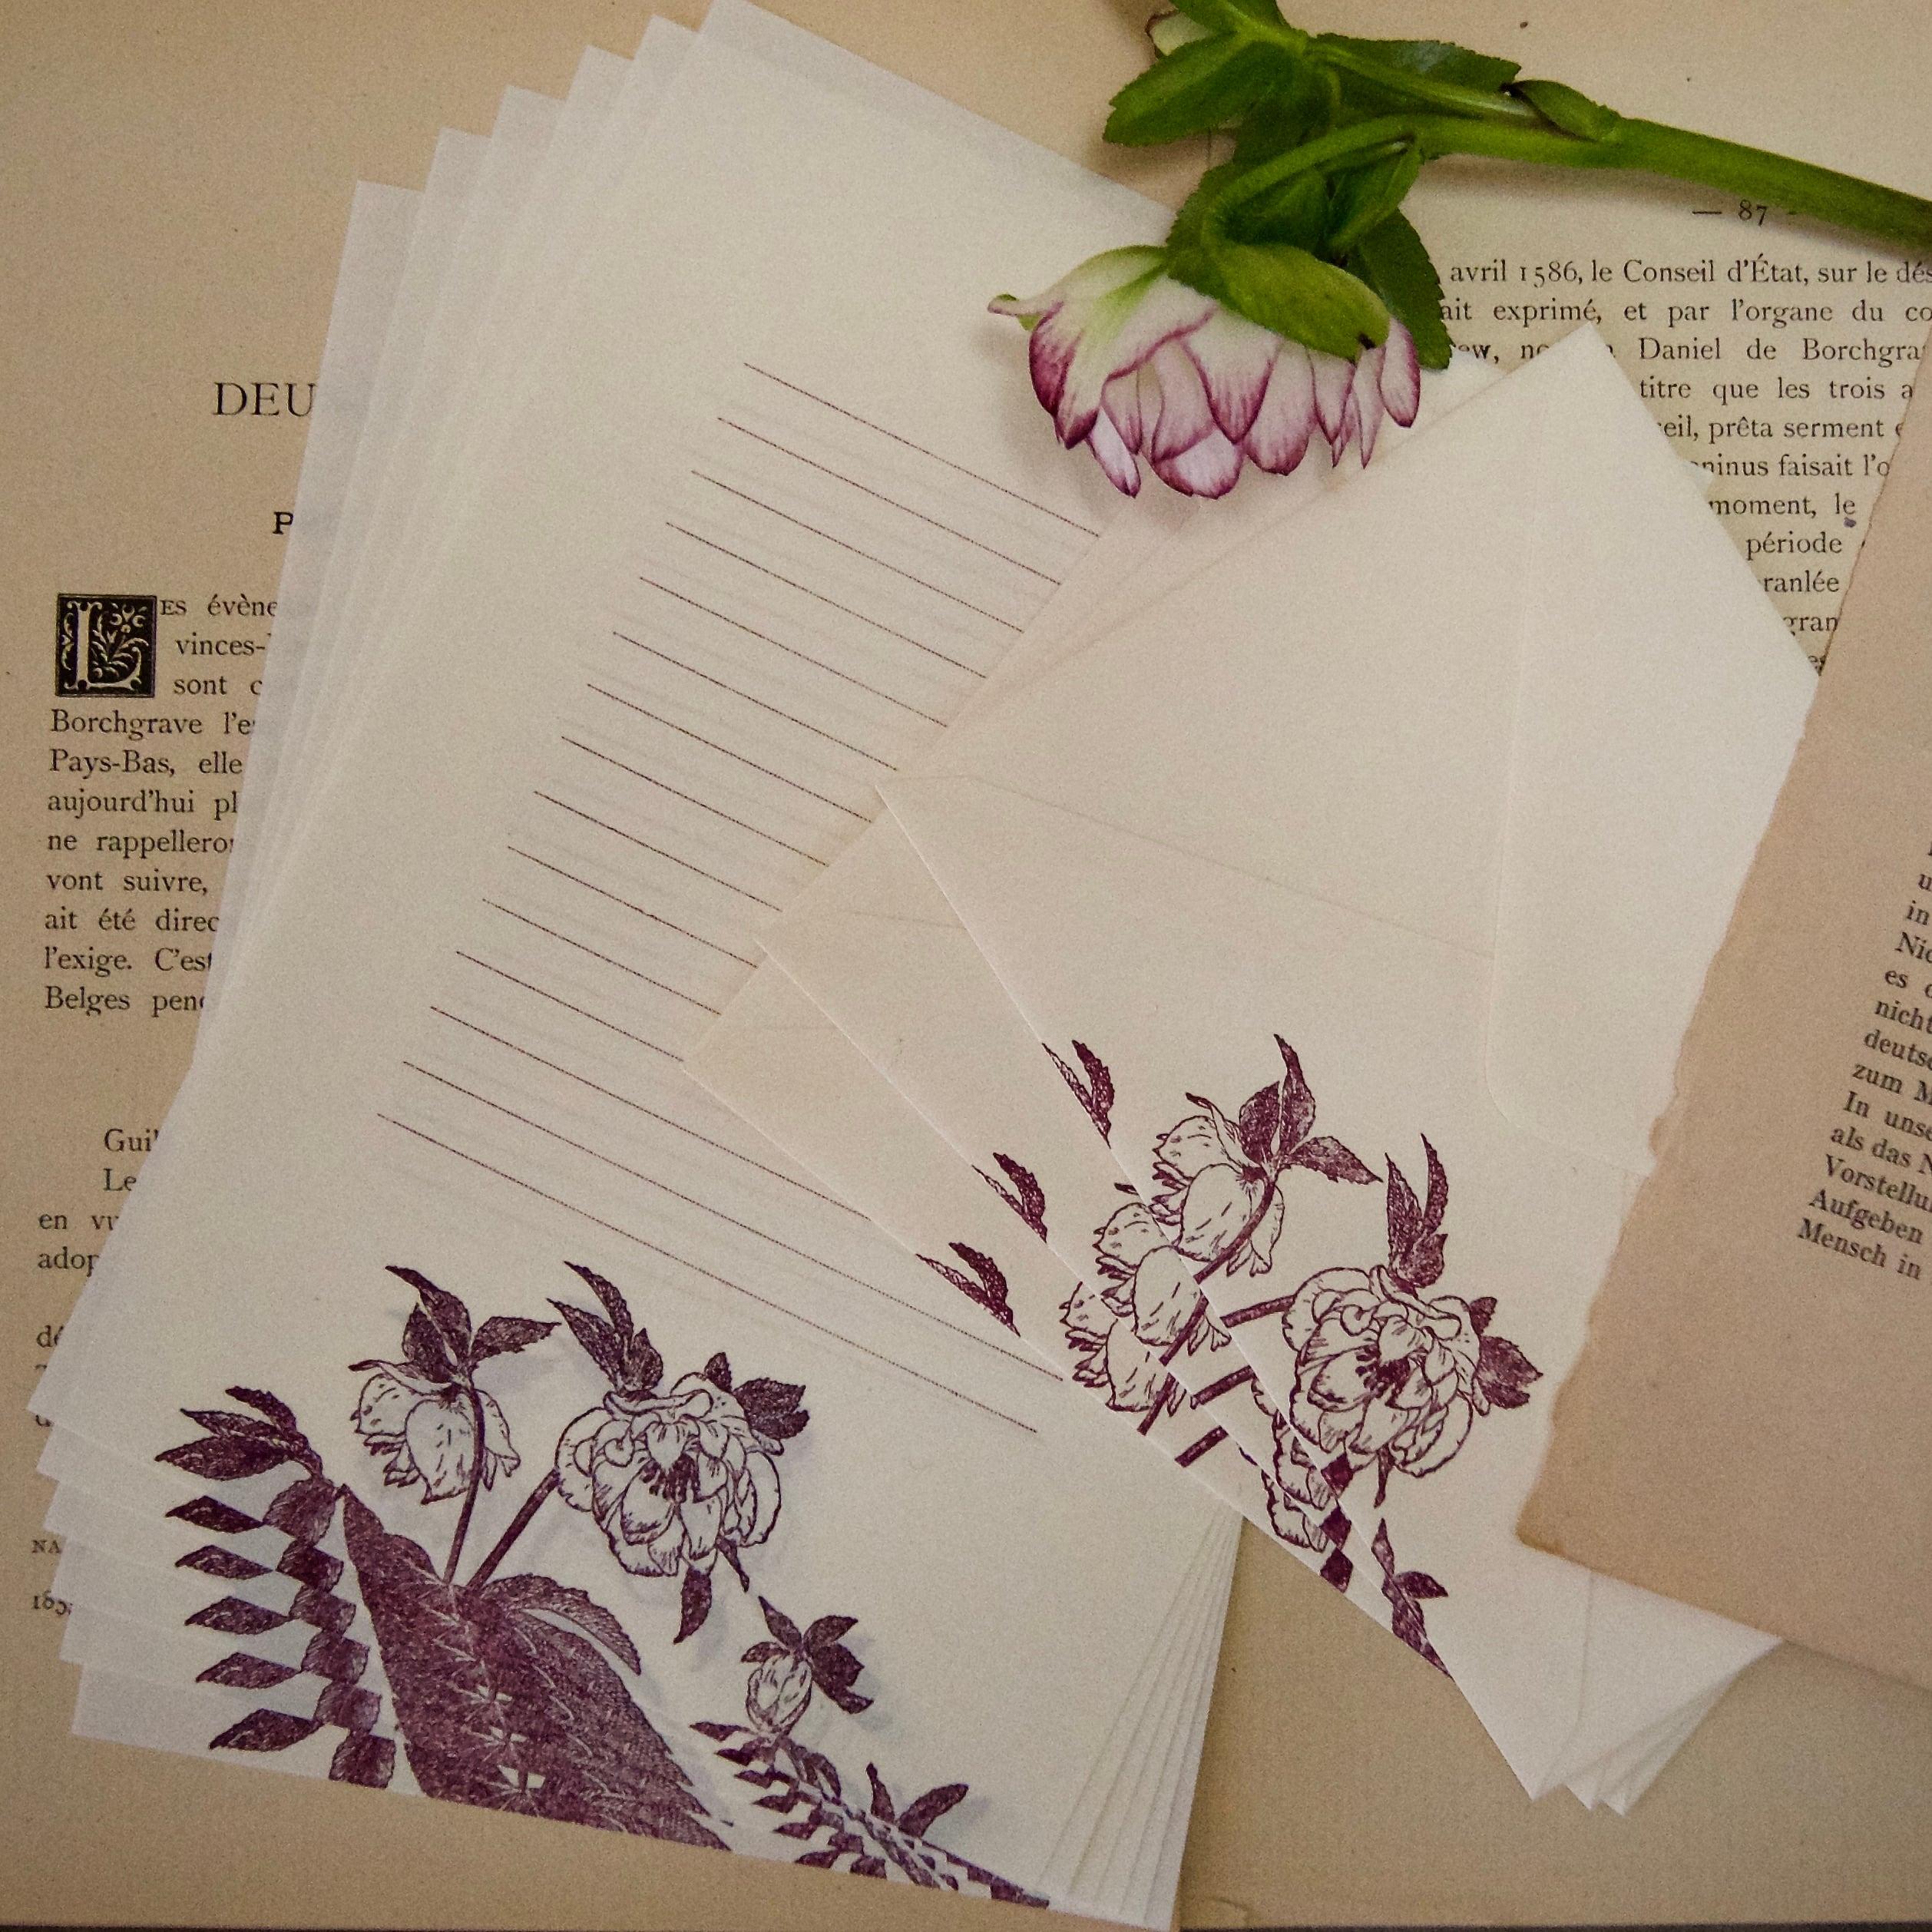 【レターセット】 クリスマスローズB / 便せん6枚+封筒3枚/活版印刷